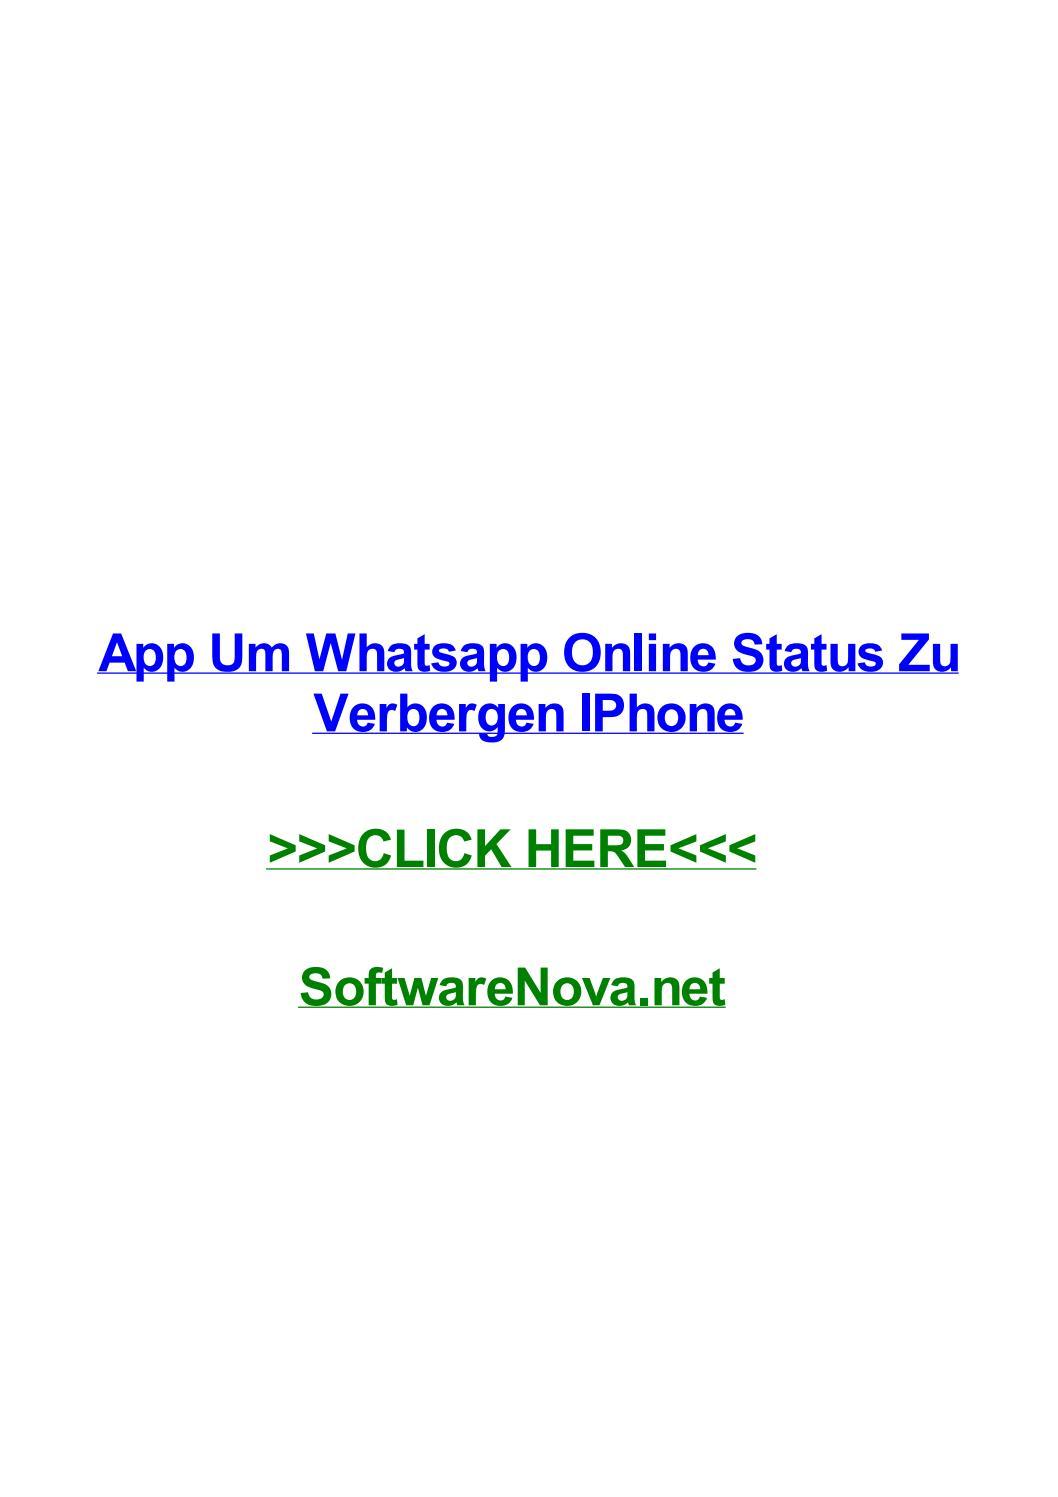 App Um Whatsapp Online Status Zu Verbergen Iphone By